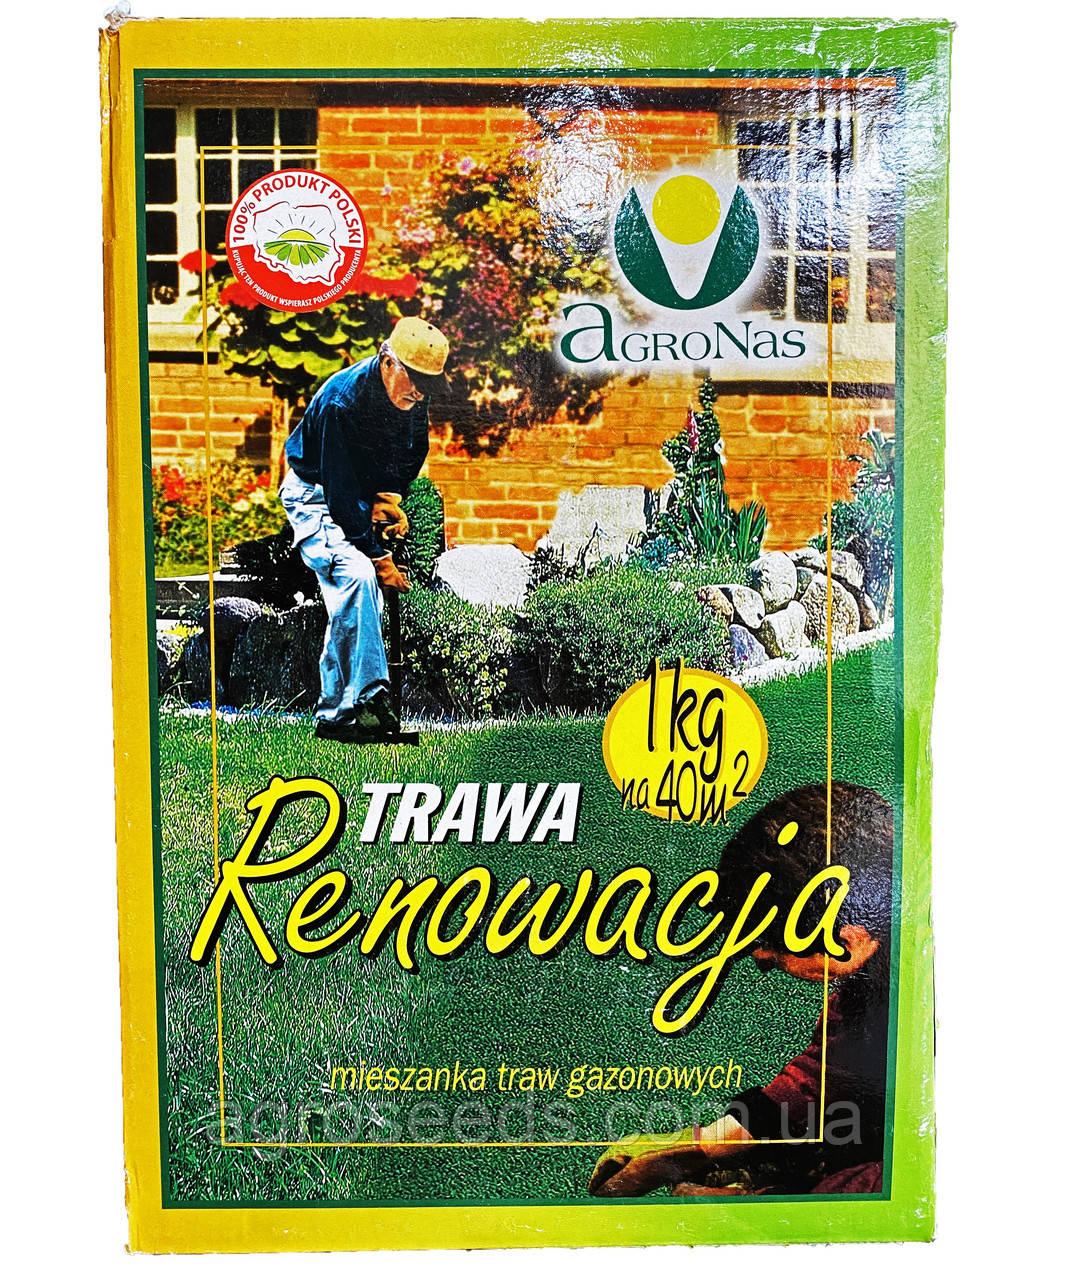 Семена газонной травы 1 кг